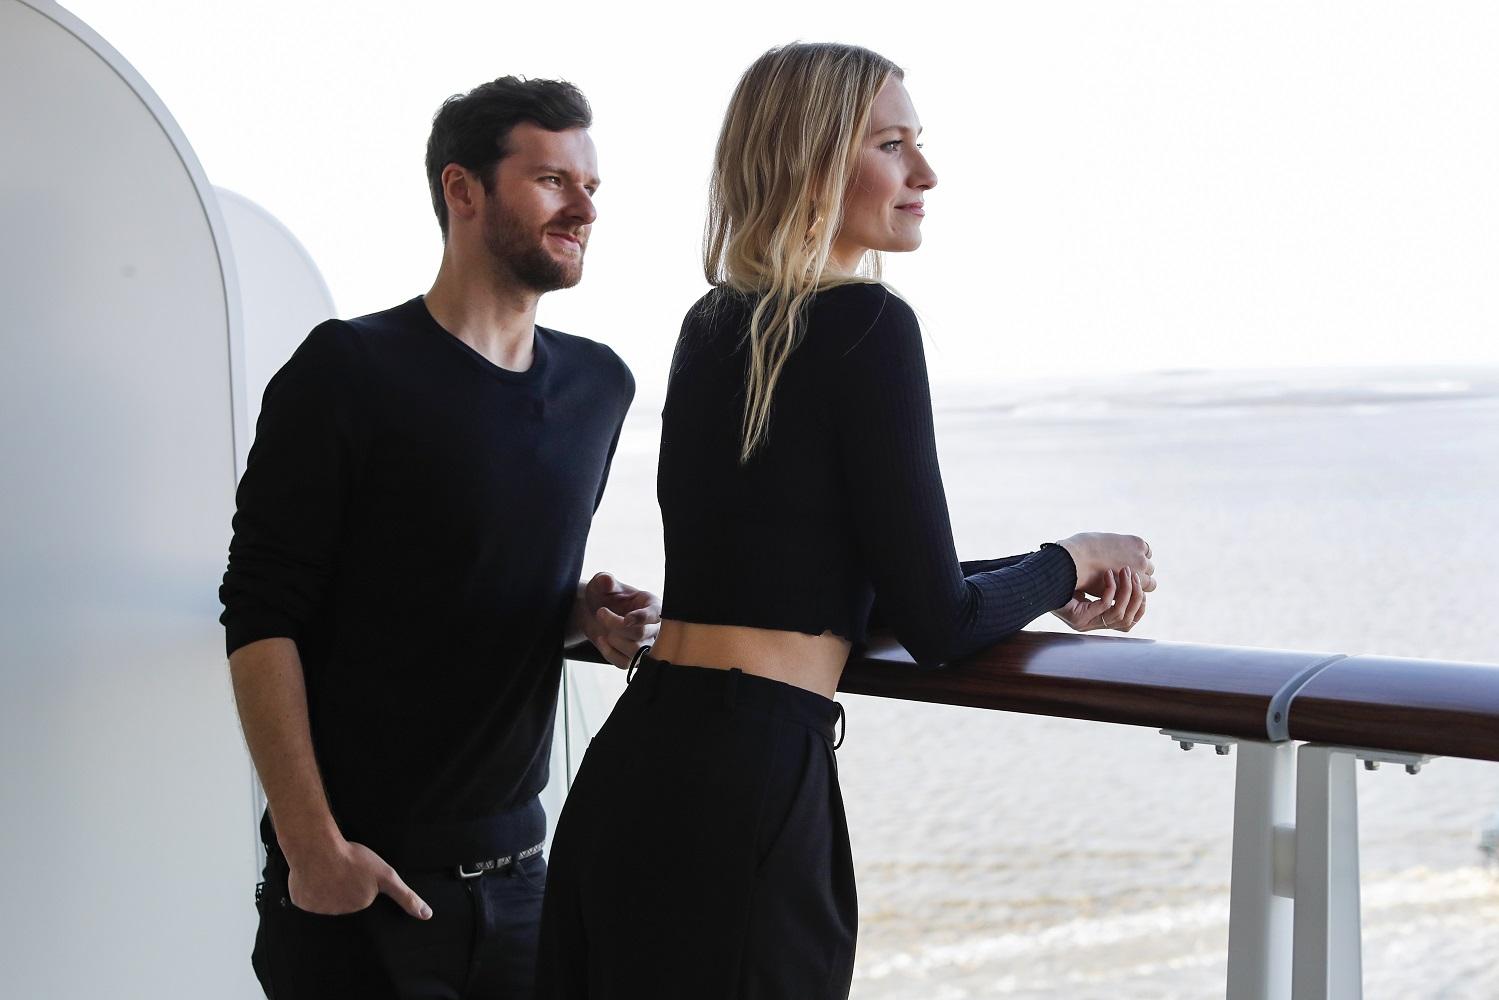 Das Elektropop Duo Glasperlenspiel (Daniel Grunenberg und Carolin Niemczyk) entdeckt die neue Mein Schiff 2 (Photo by Franziska Krug/Getty Images for TUI Cruises)